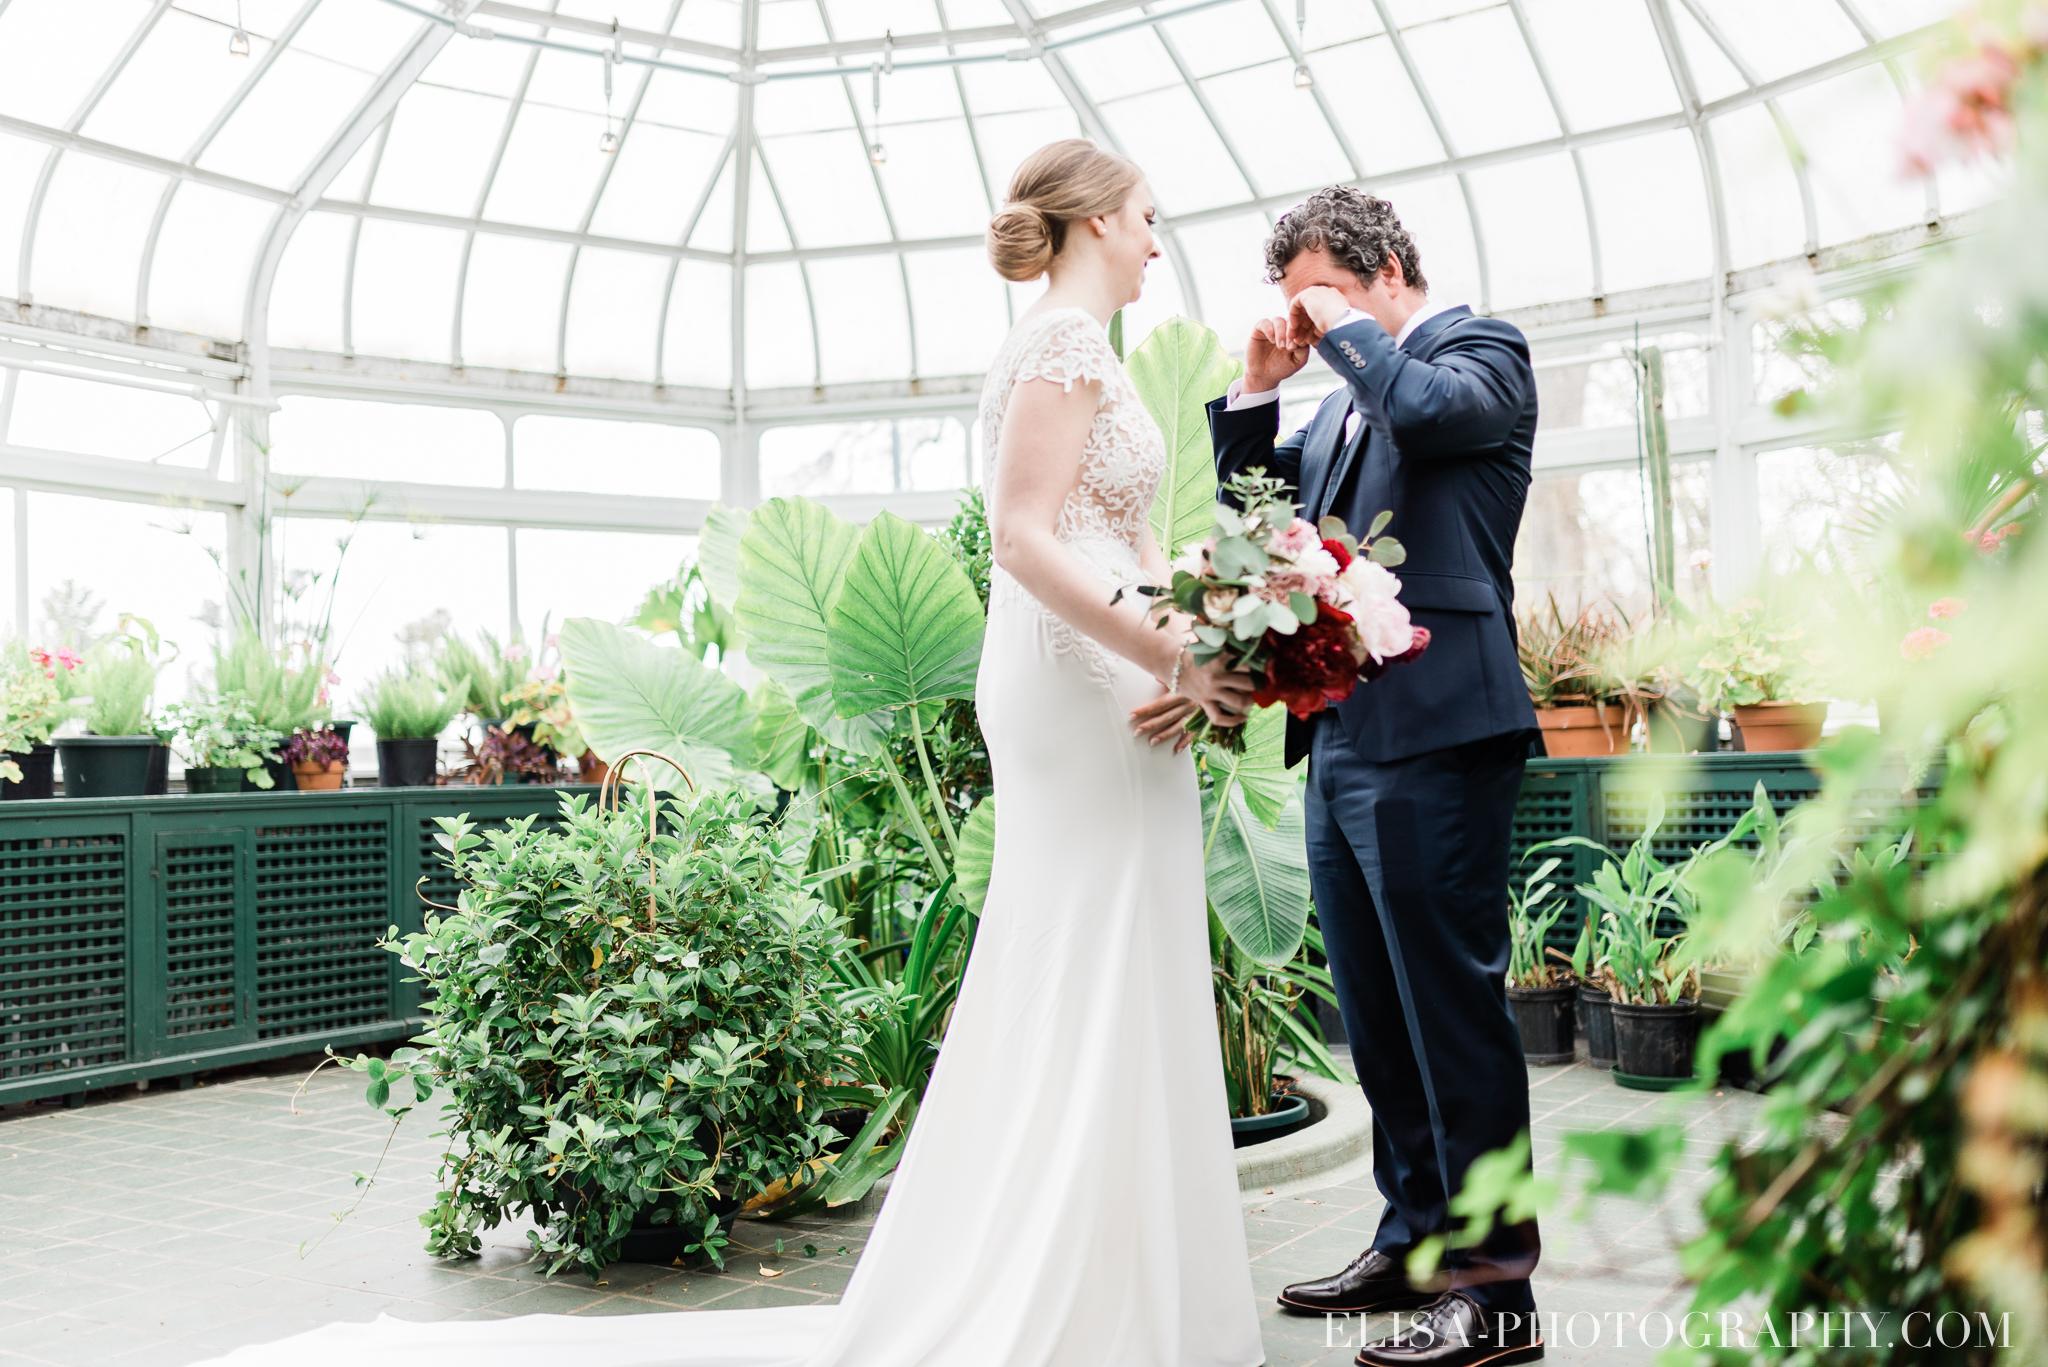 photo mariage quebec domaine cataraqui elisa photographe first look verriere fleurs 9454 - Mariage élégant et discret au coeur du magnifique Domaine Cataraqui, Québec